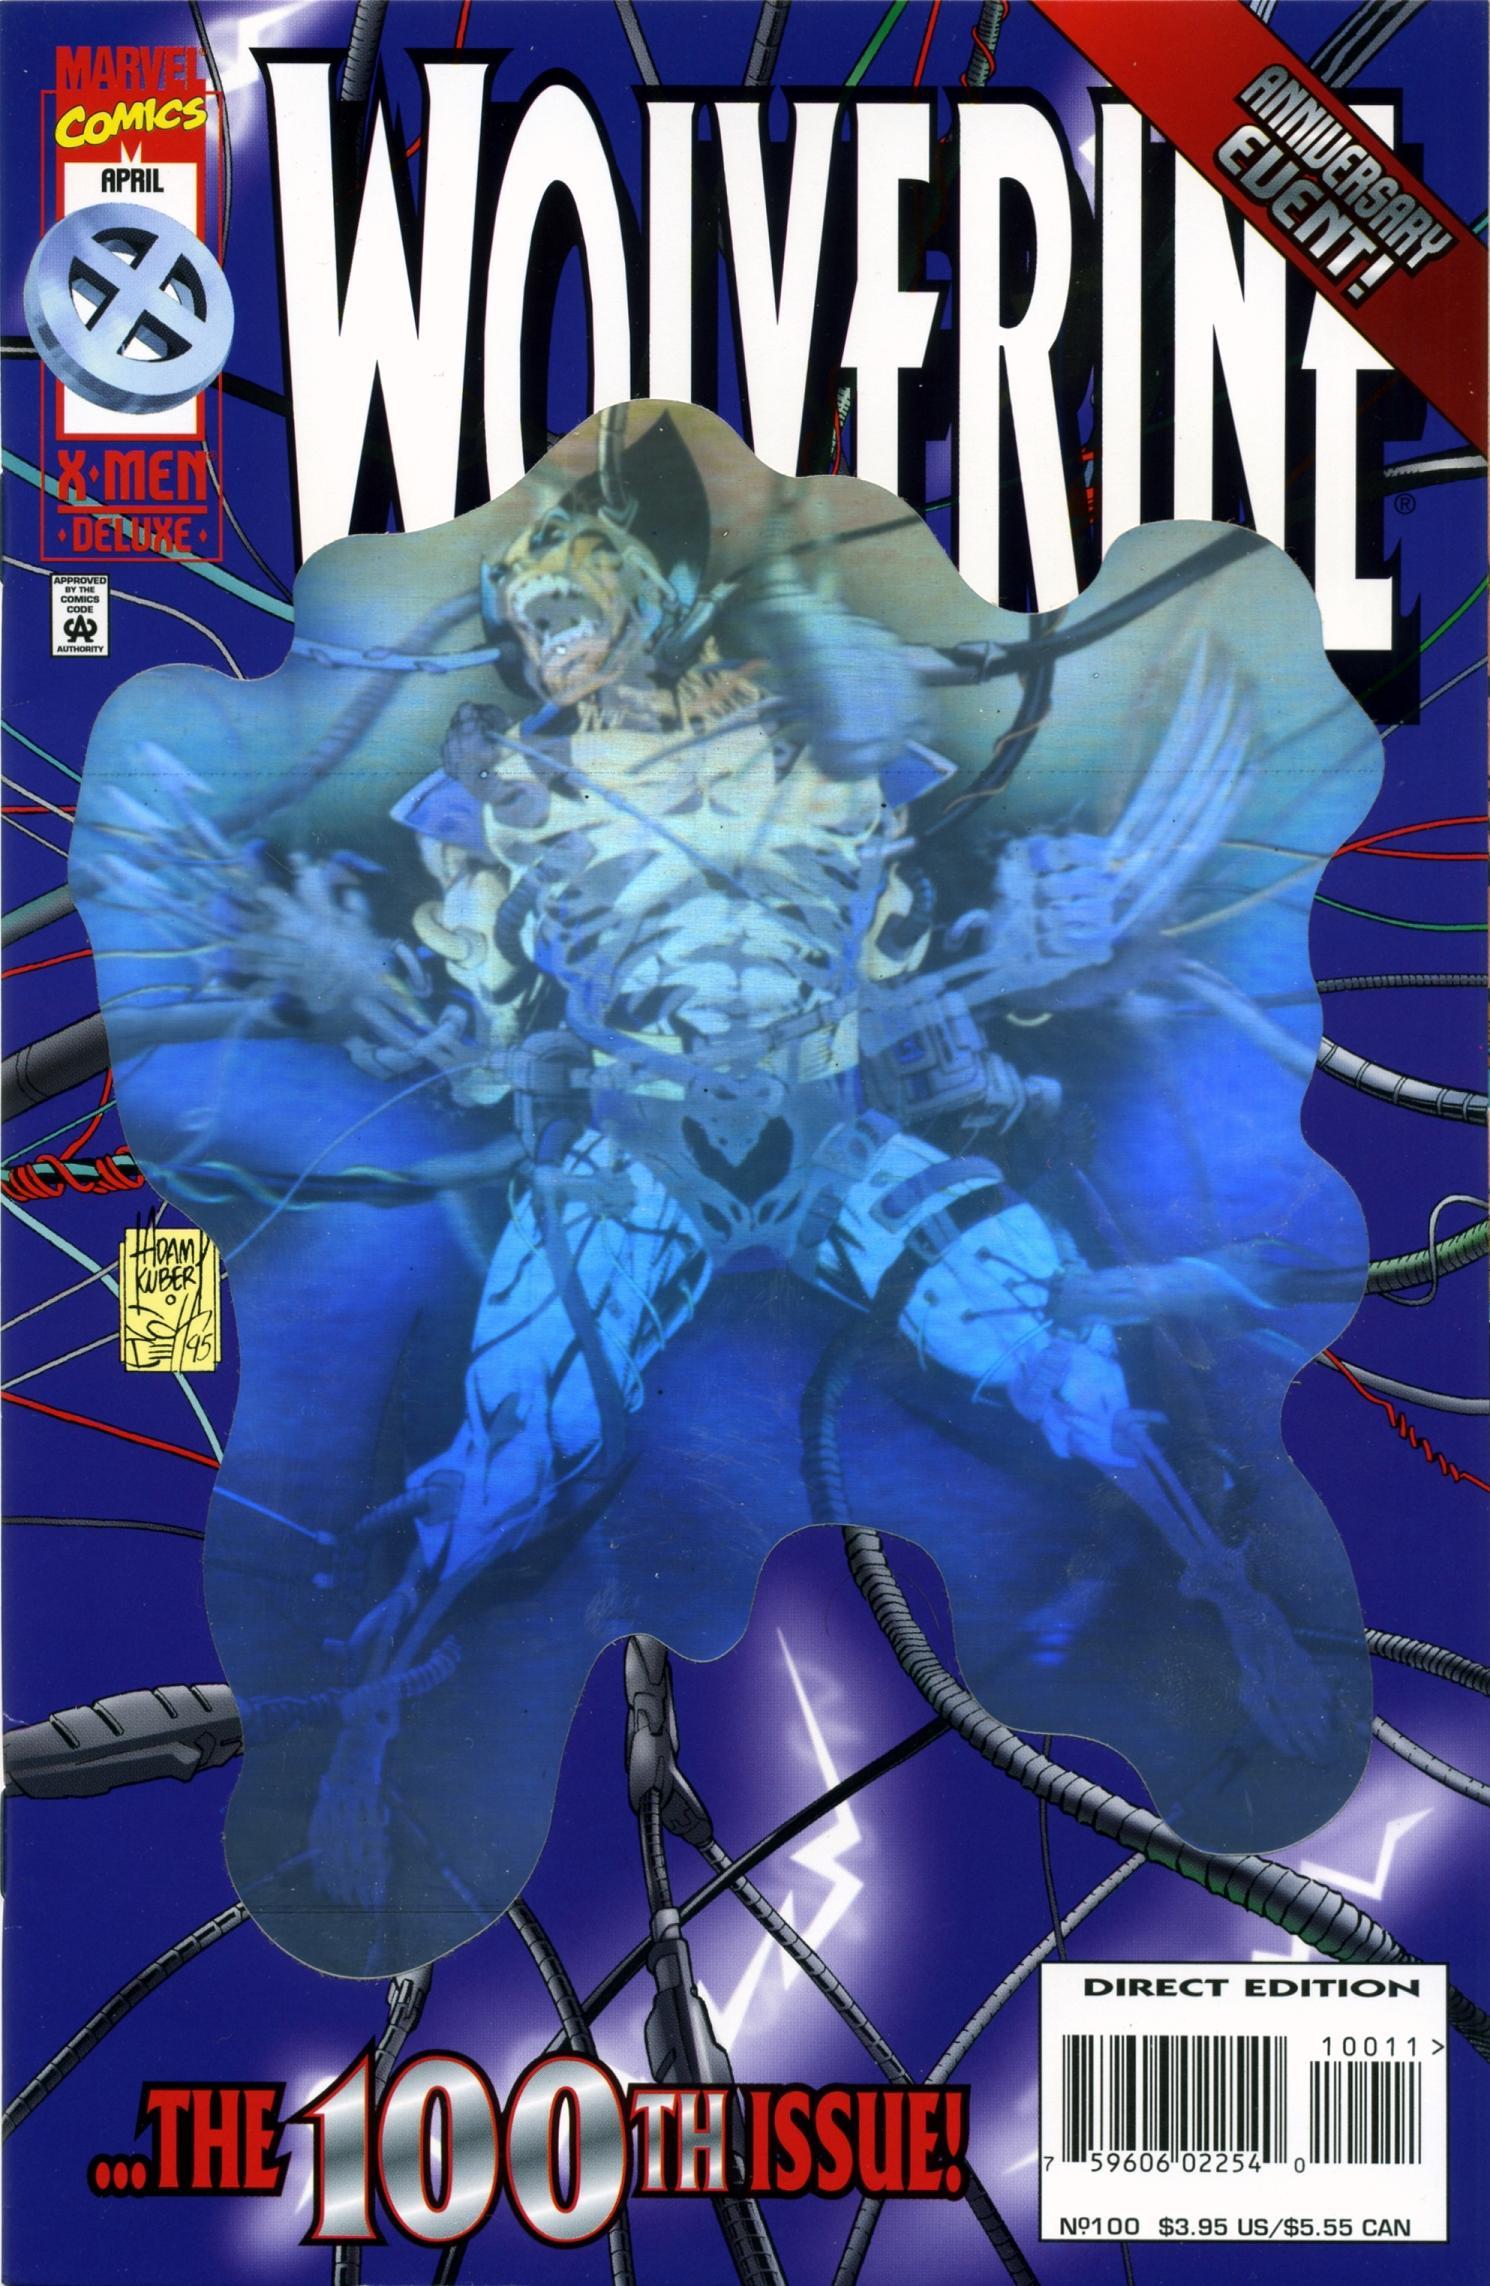 wolverine-holograms001.jpg